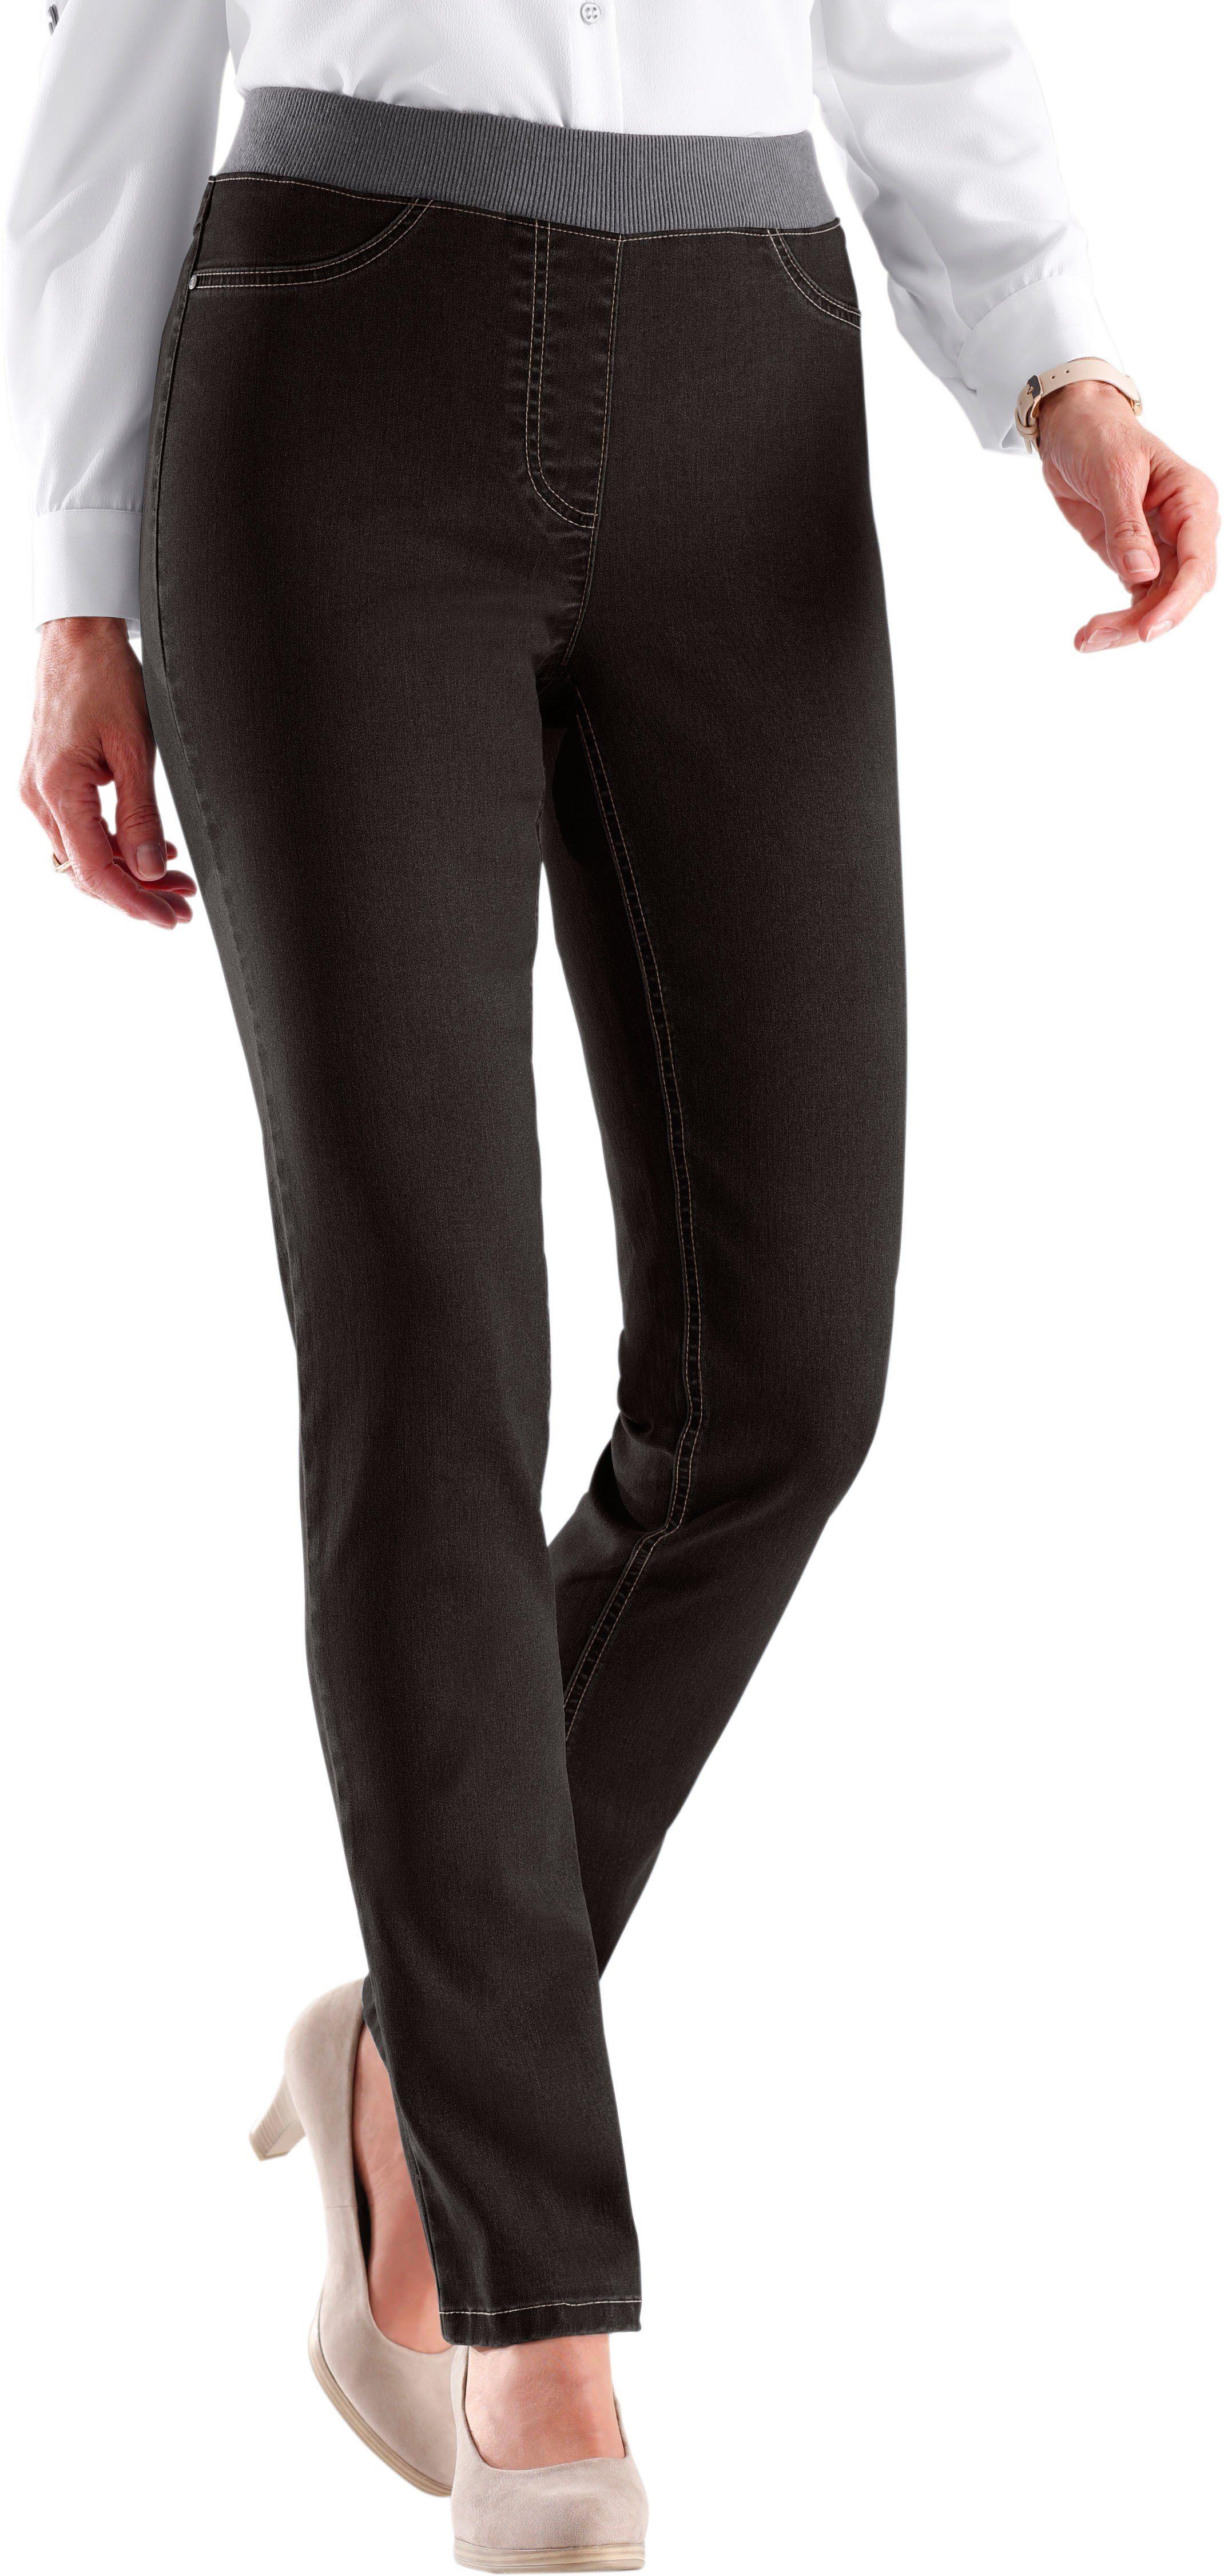 Classic In Inspirationen Bequemer Online Kaufen Jeans Schlupfform ymwONnv80